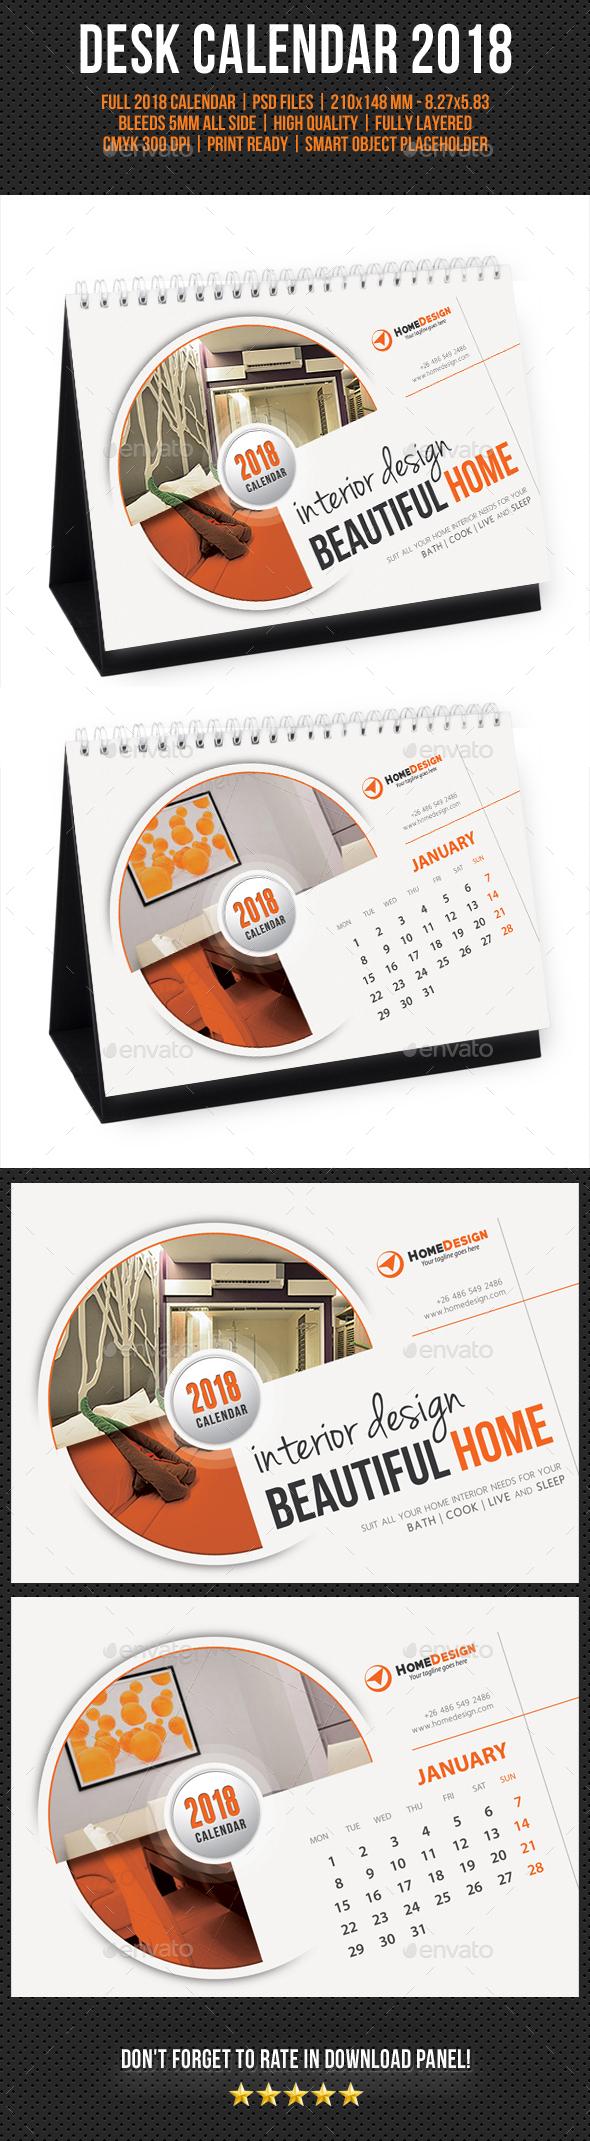 Creative Desk Calendar 2018 V06 - Calendars Stationery